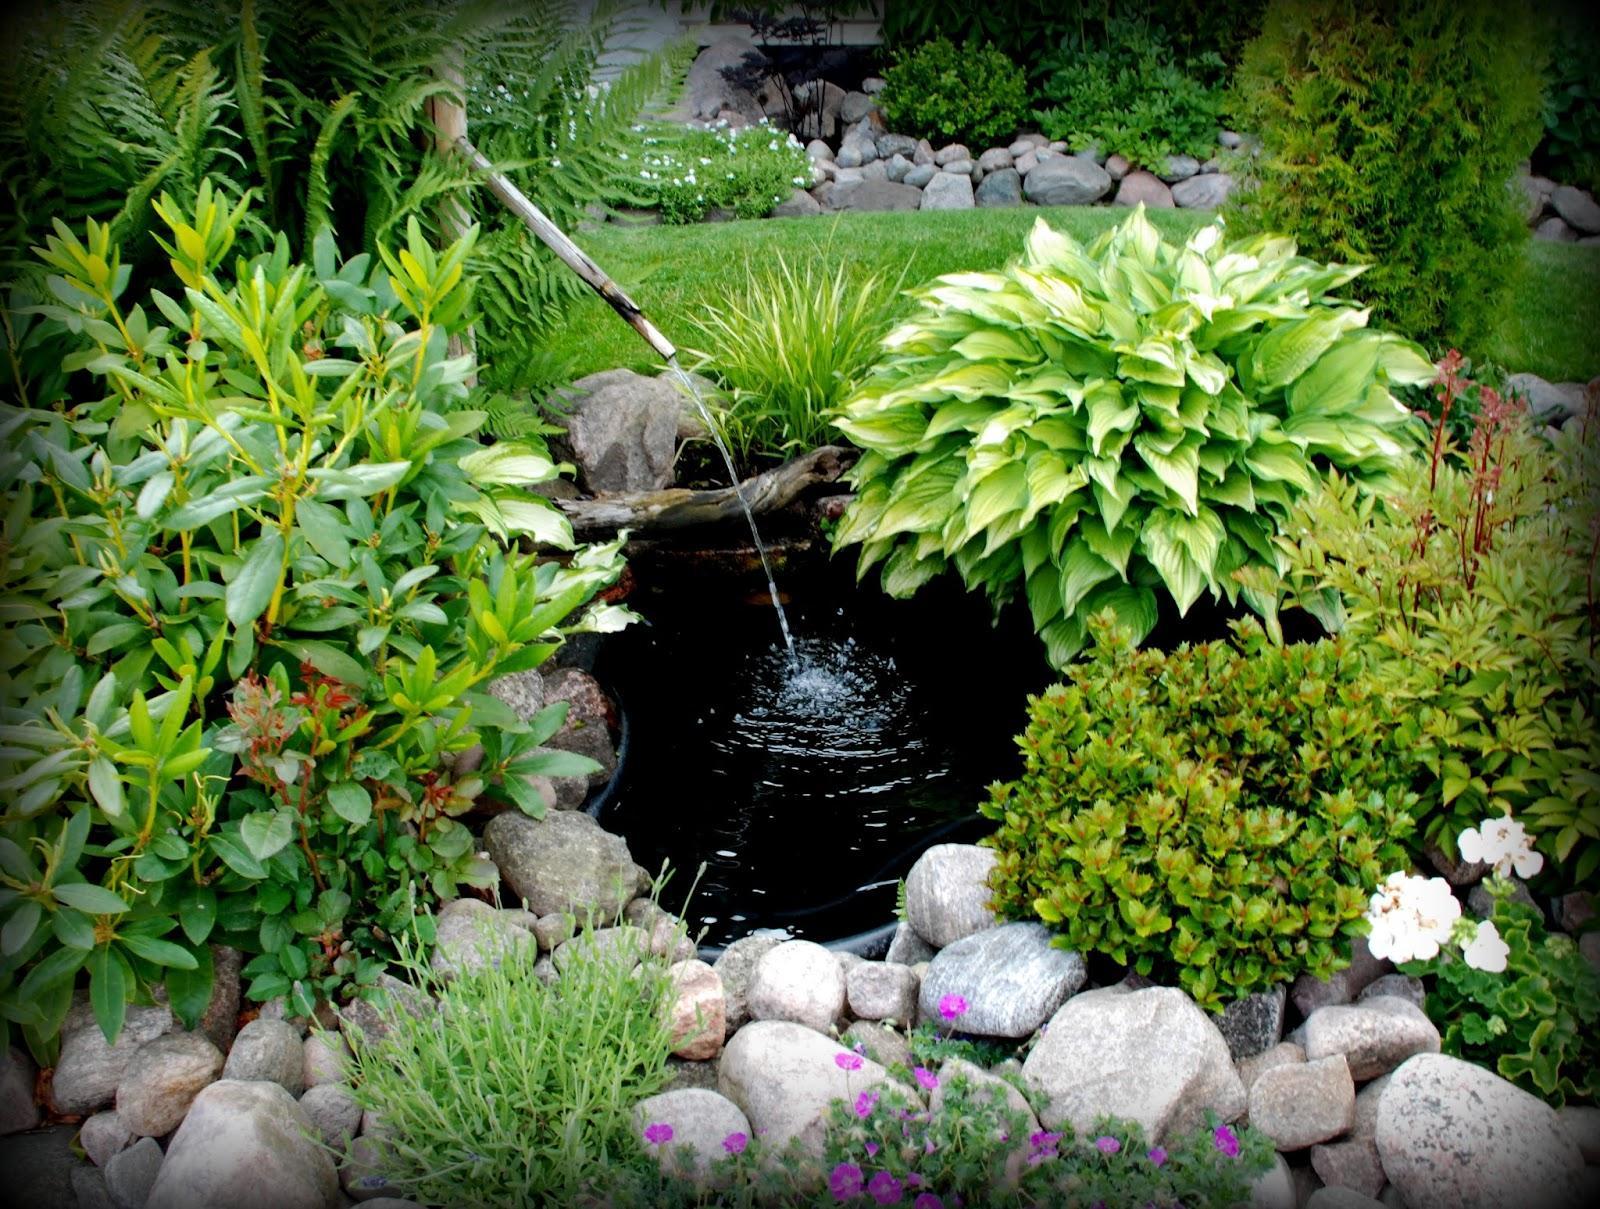 Záhrada,ktorá ťa nikdy neomrzí...divoká a krásna - Obrázok č. 14